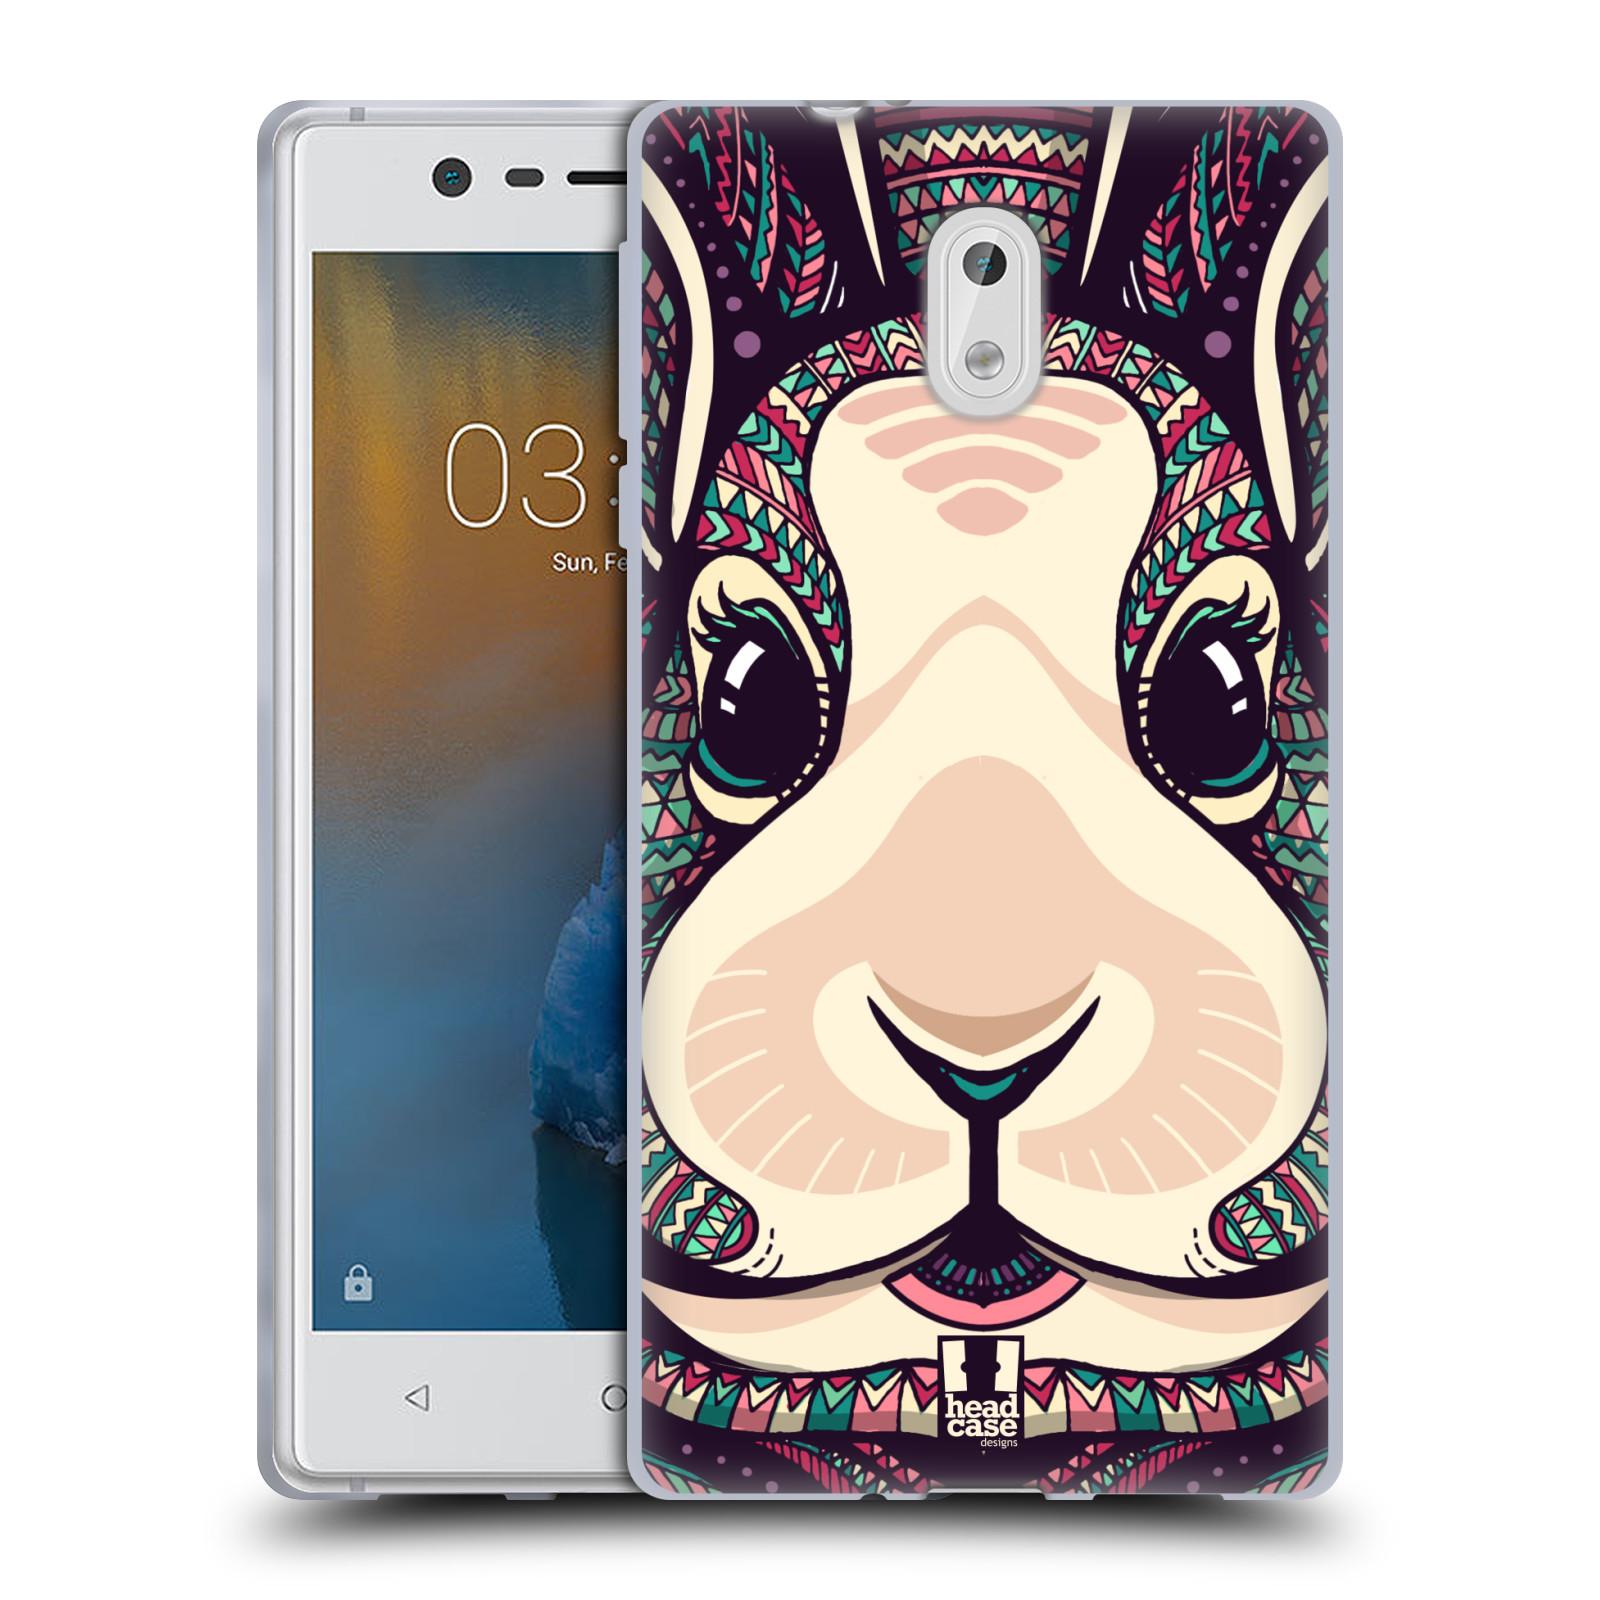 Silikonové pouzdro na mobil Nokia 3 Head Case - AZTEC ZAJÍČEK